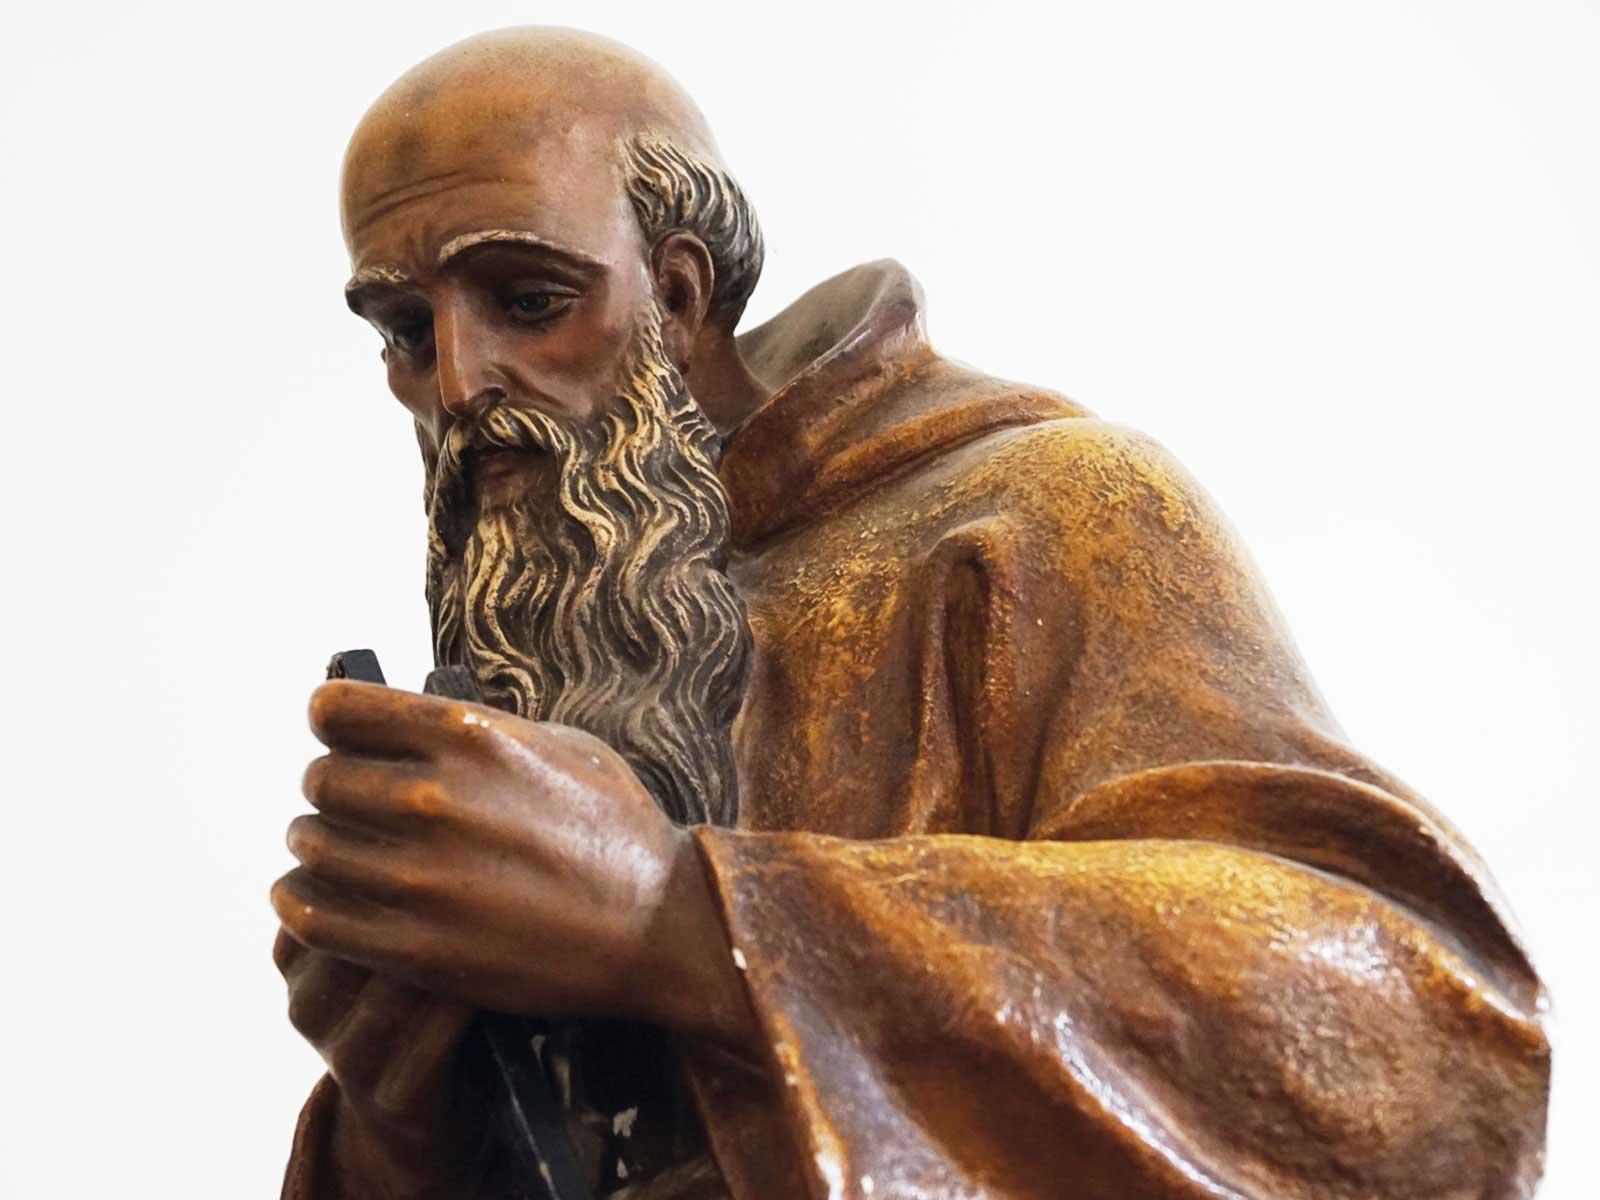 Seniorenzentrum-Bruder-Konrad-Stift-Statue-2